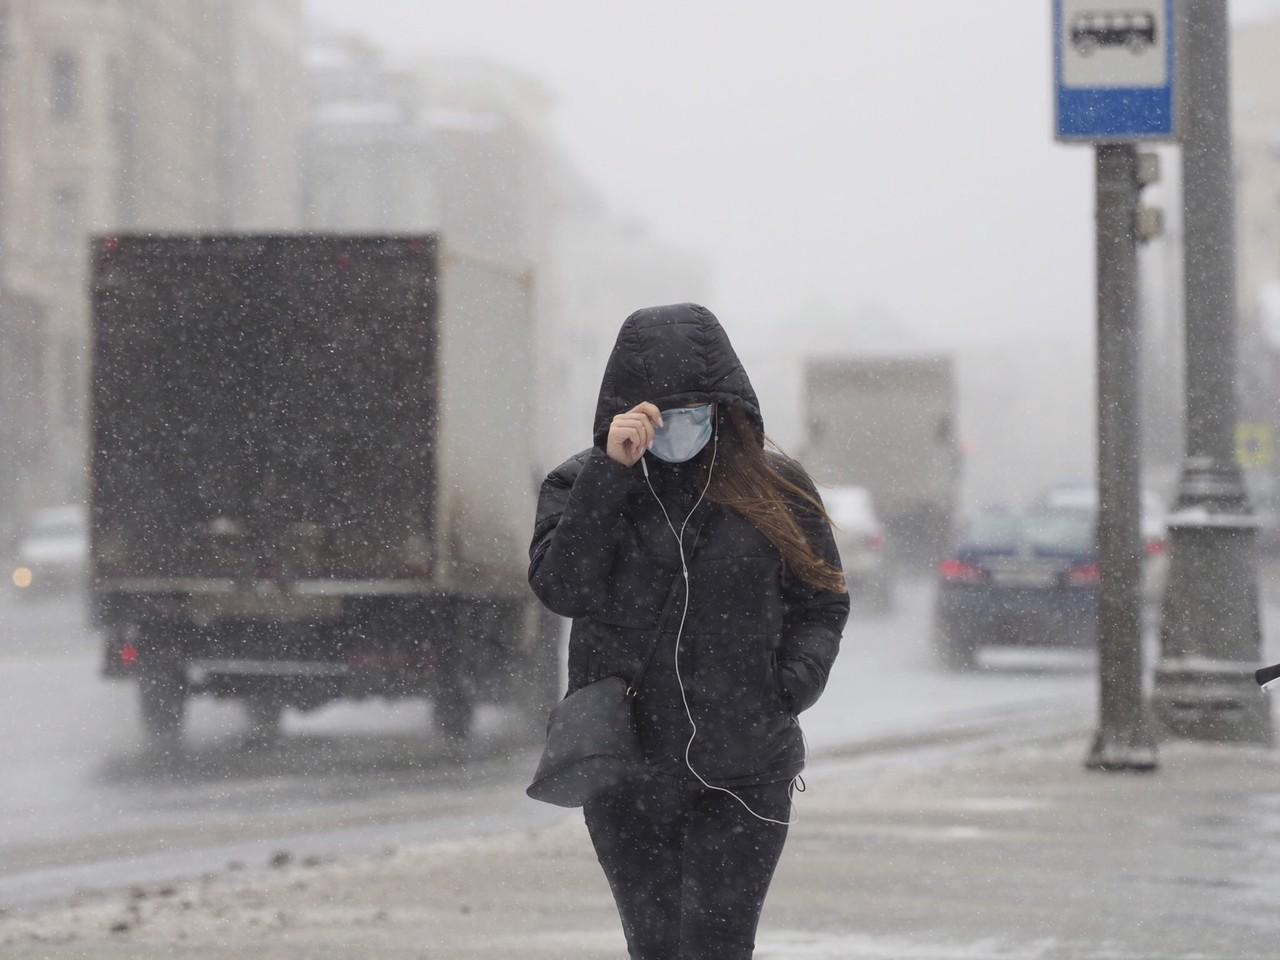 Жителей Москвы предупредили о штормовой погоде